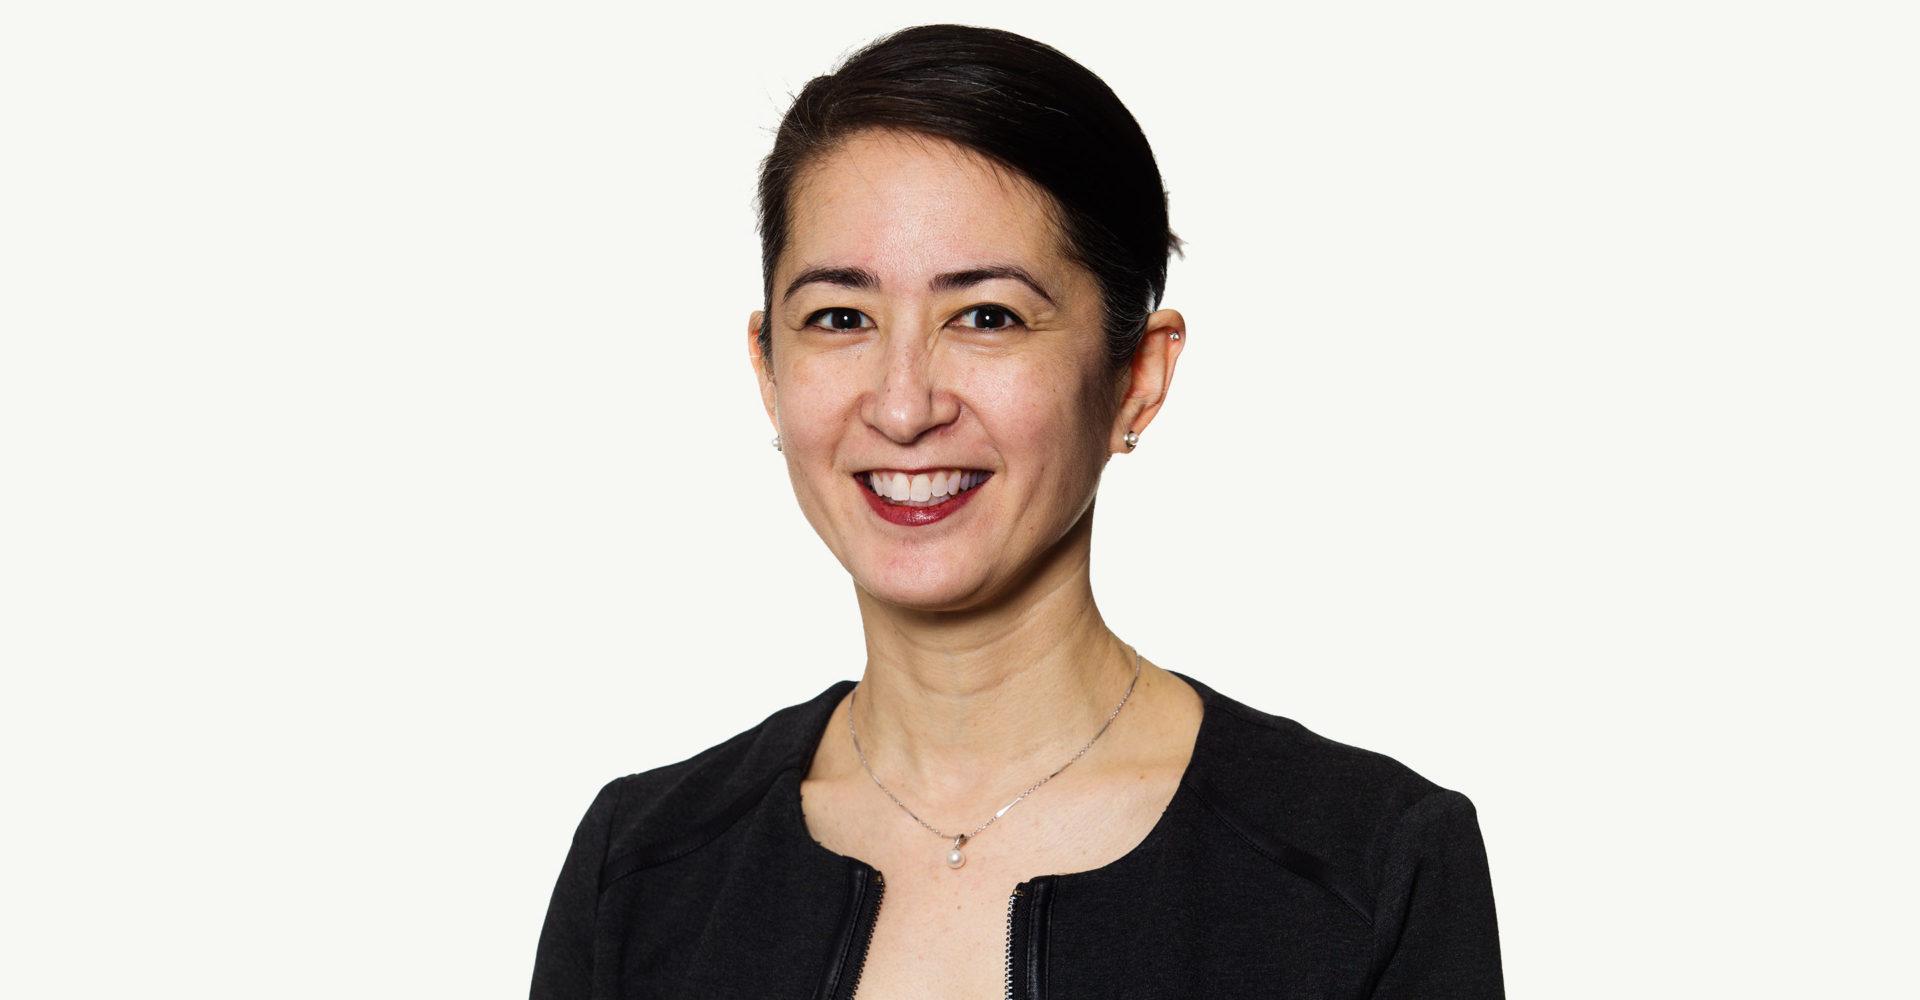 Gail Hamamoto élue au conseil d'administration de la IWRF